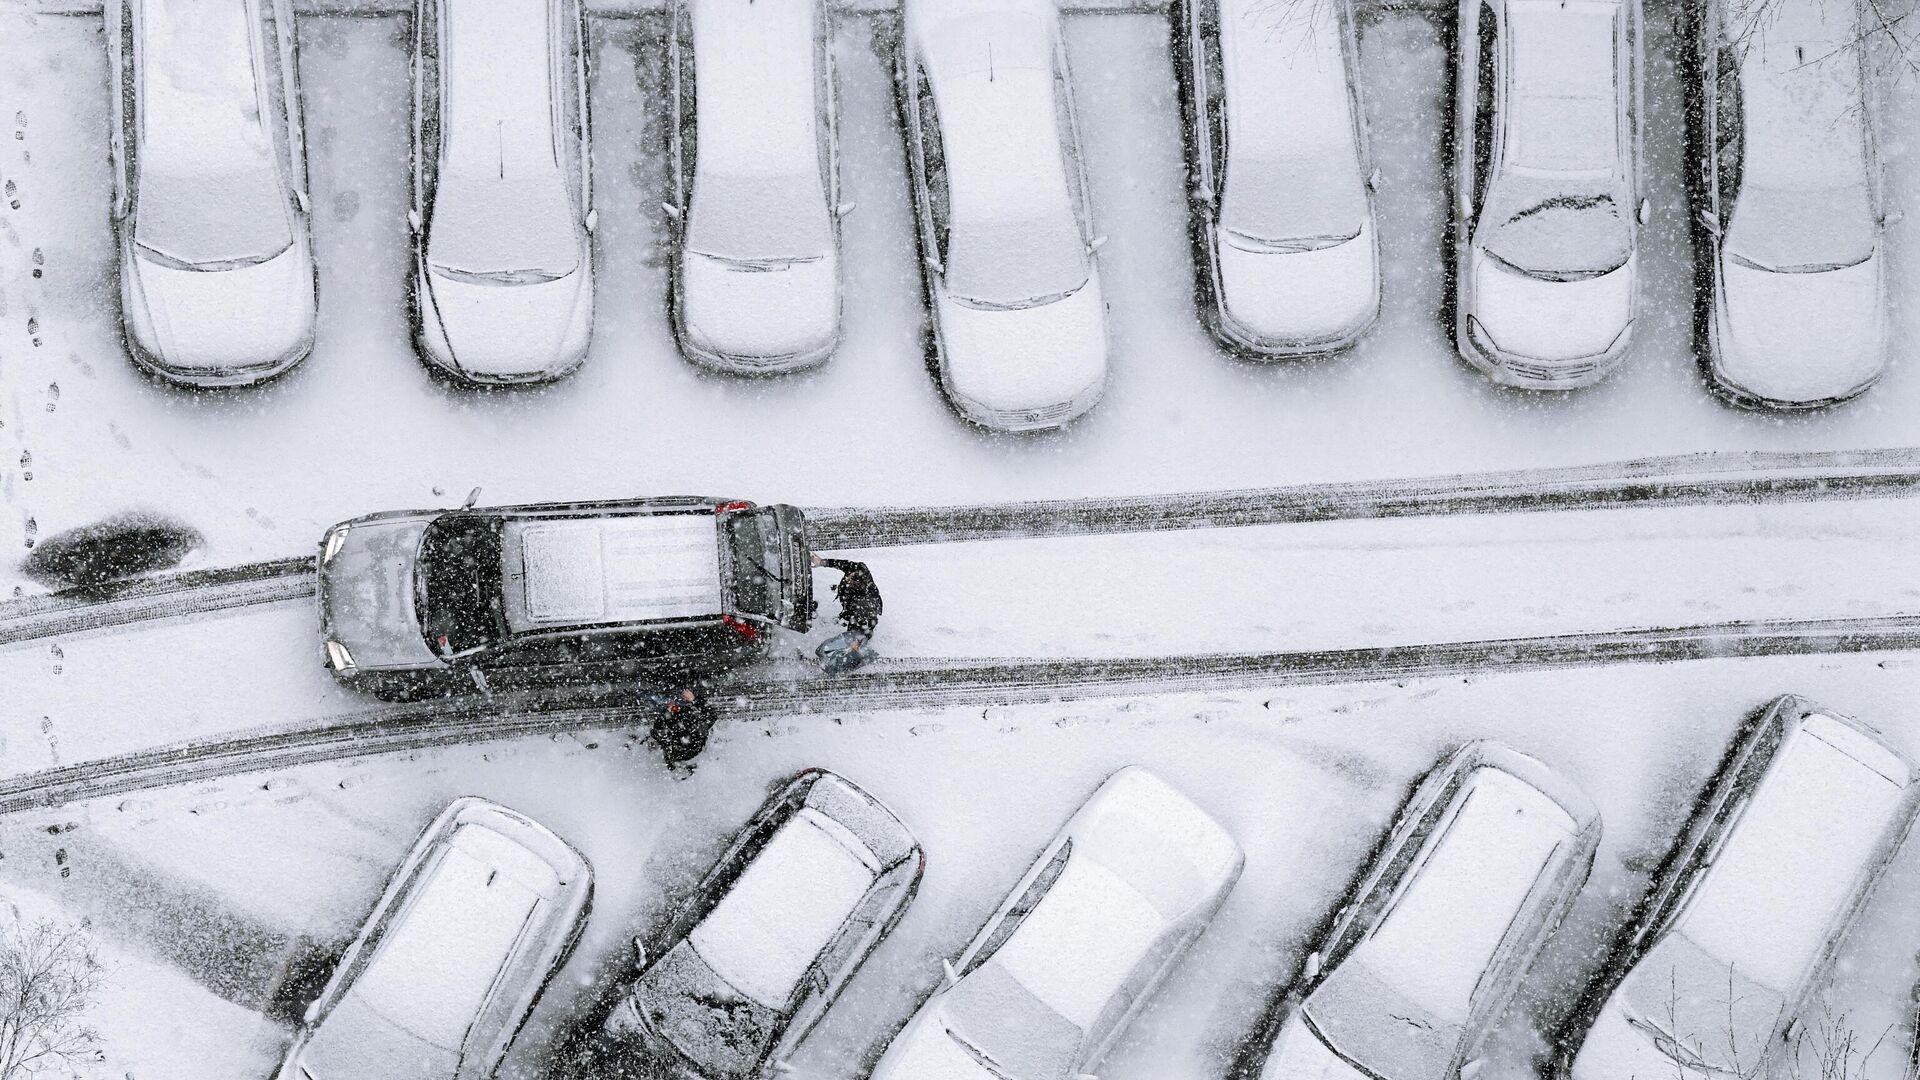 Снегопад в Москве - РИА Новости, 1920, 21.11.2020